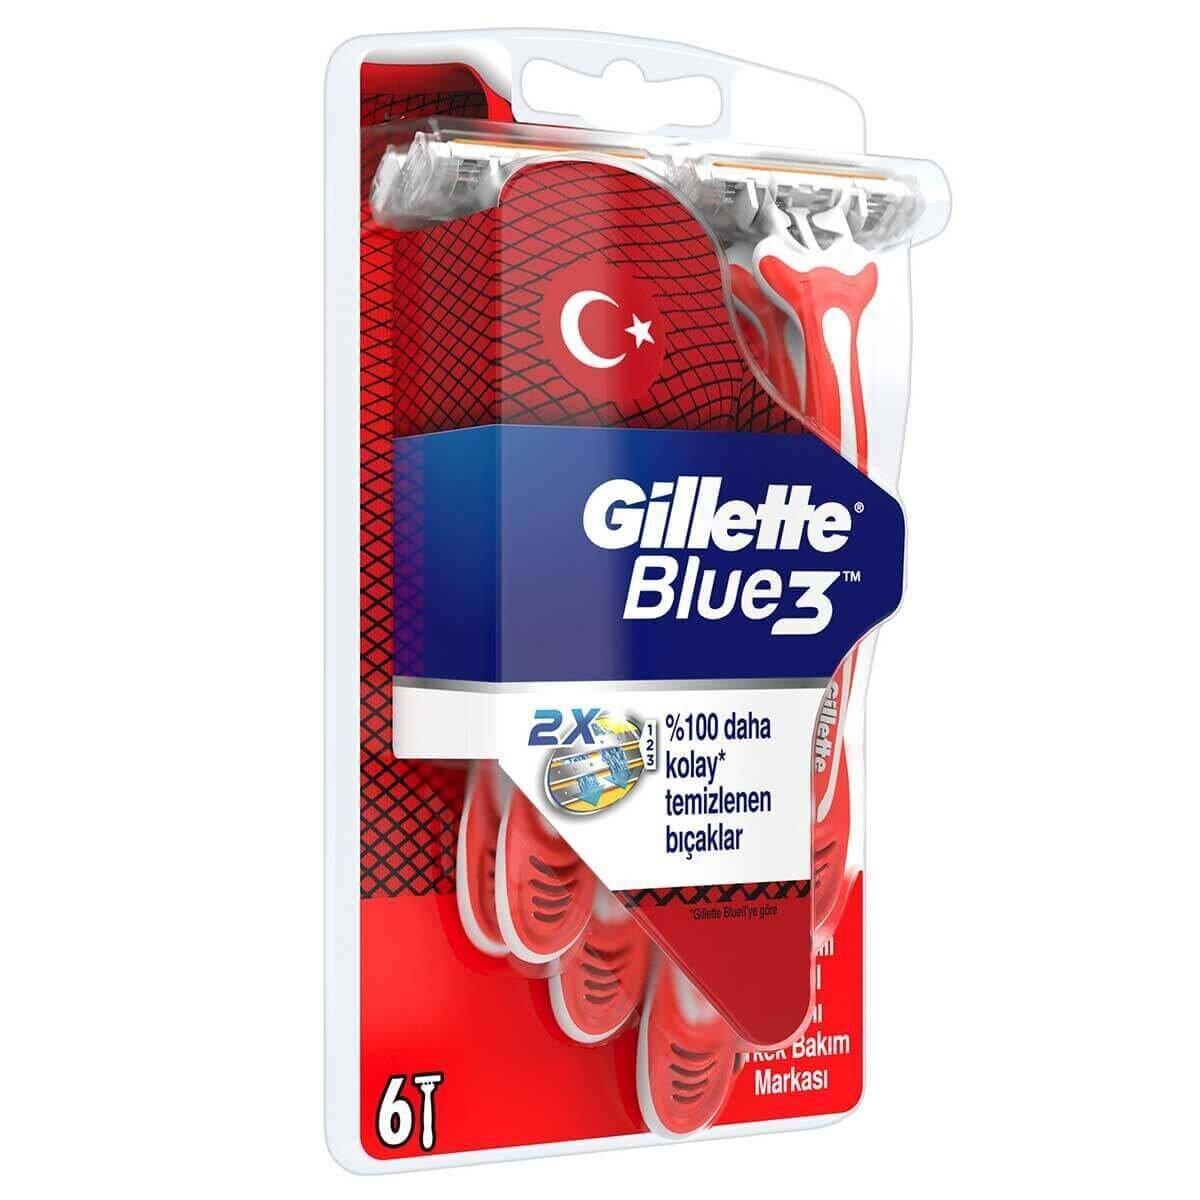 Blue3 Pride Kullan At Tıraş Bıçağı 6'lı